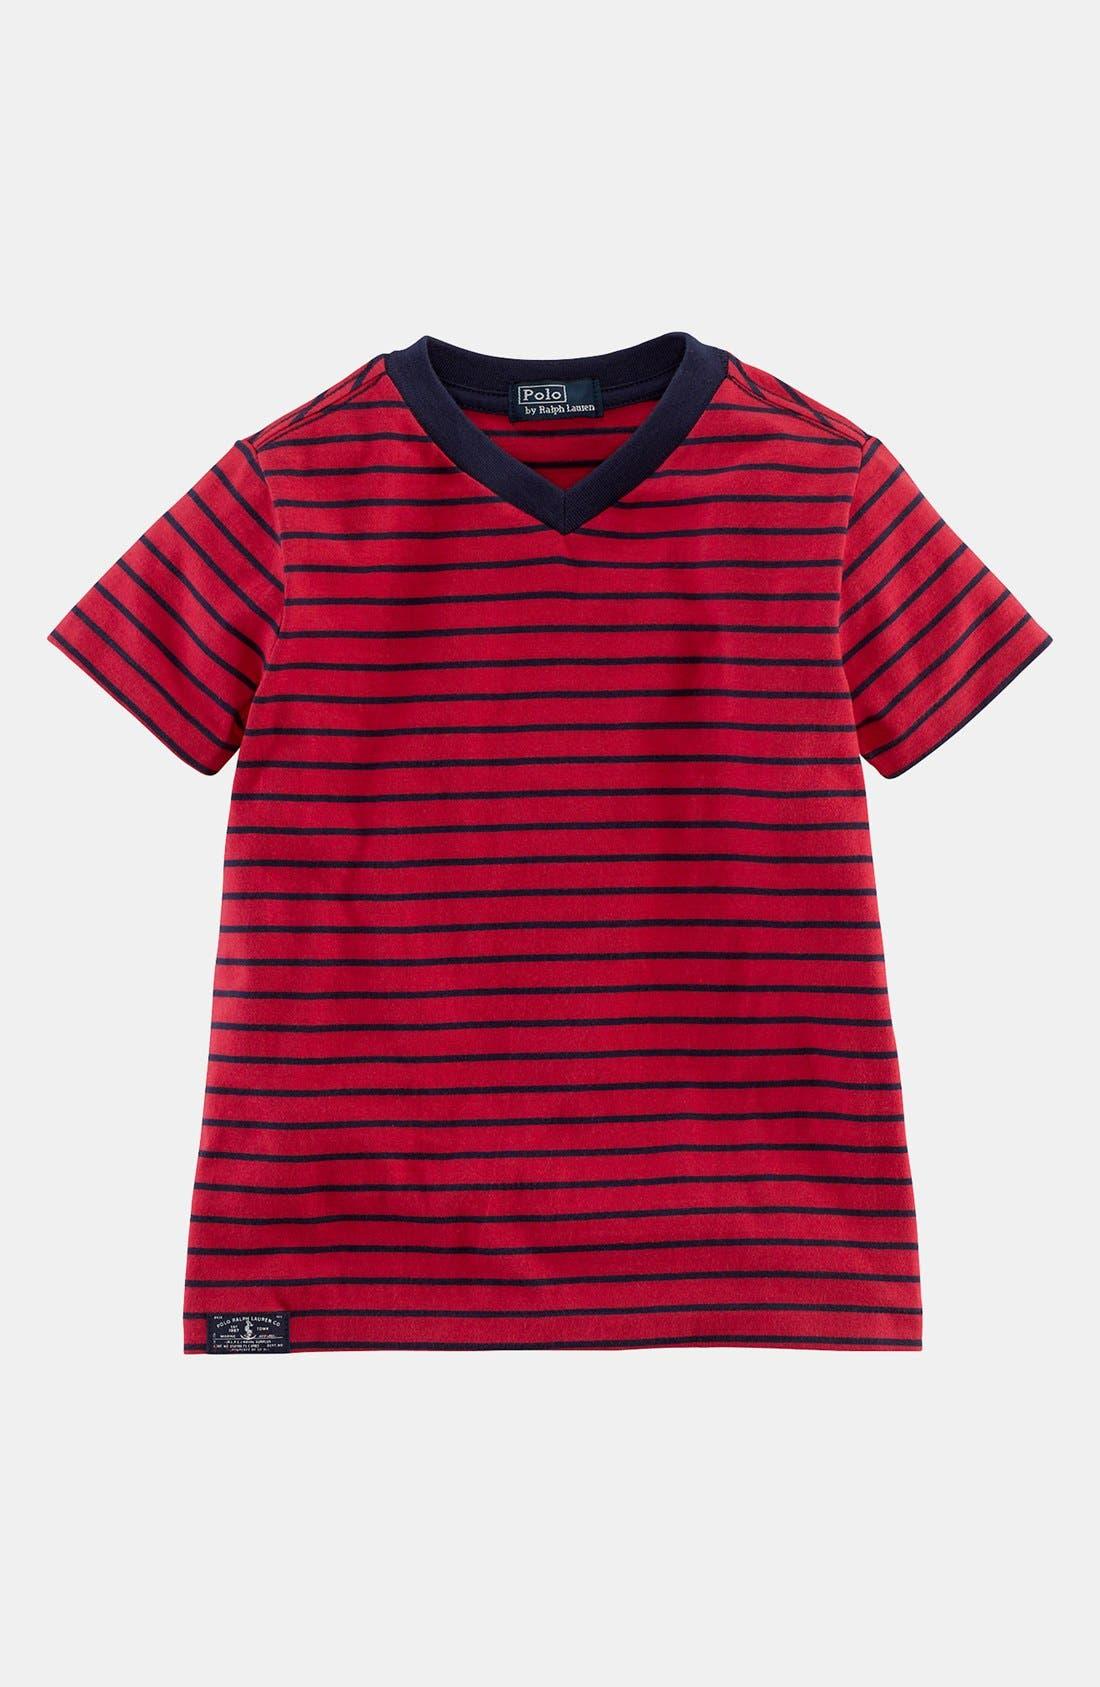 Alternate Image 1 Selected - Ralph Lauren Stripe T-Shirt (Toddler Boys)